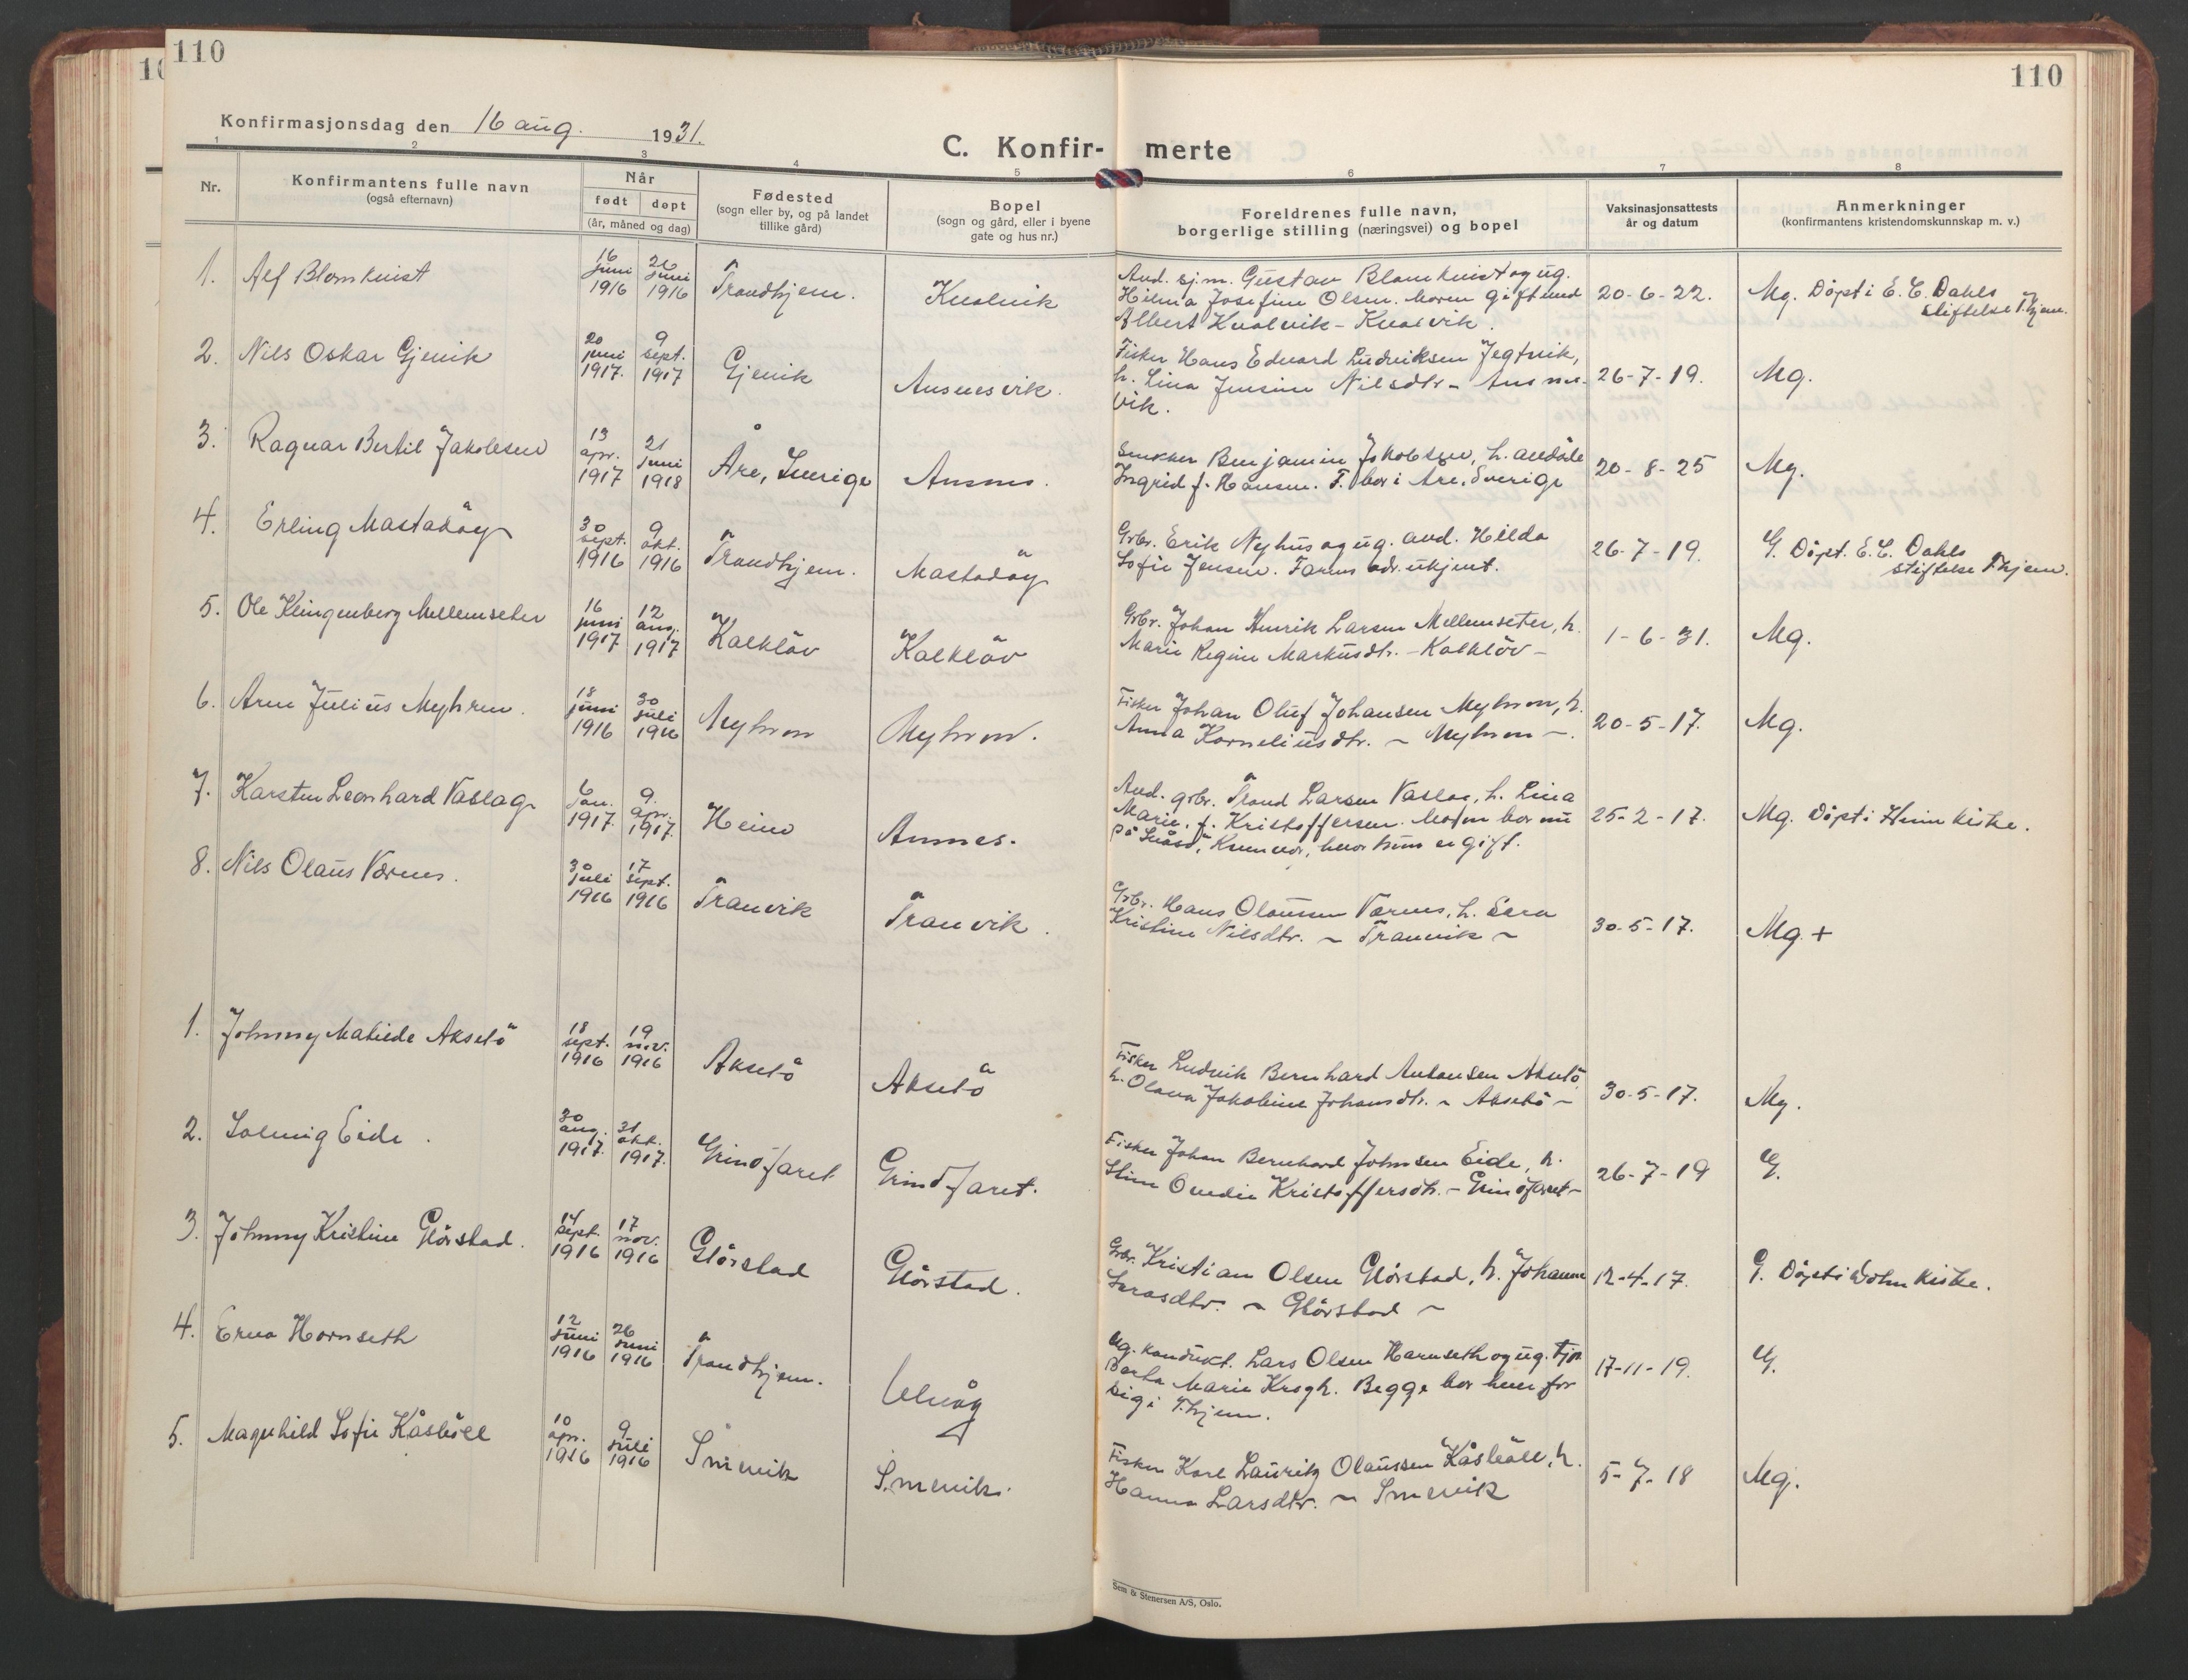 SAT, Ministerialprotokoller, klokkerbøker og fødselsregistre - Sør-Trøndelag, 637/L0564: Klokkerbok nr. 637C05, 1928-1968, s. 110